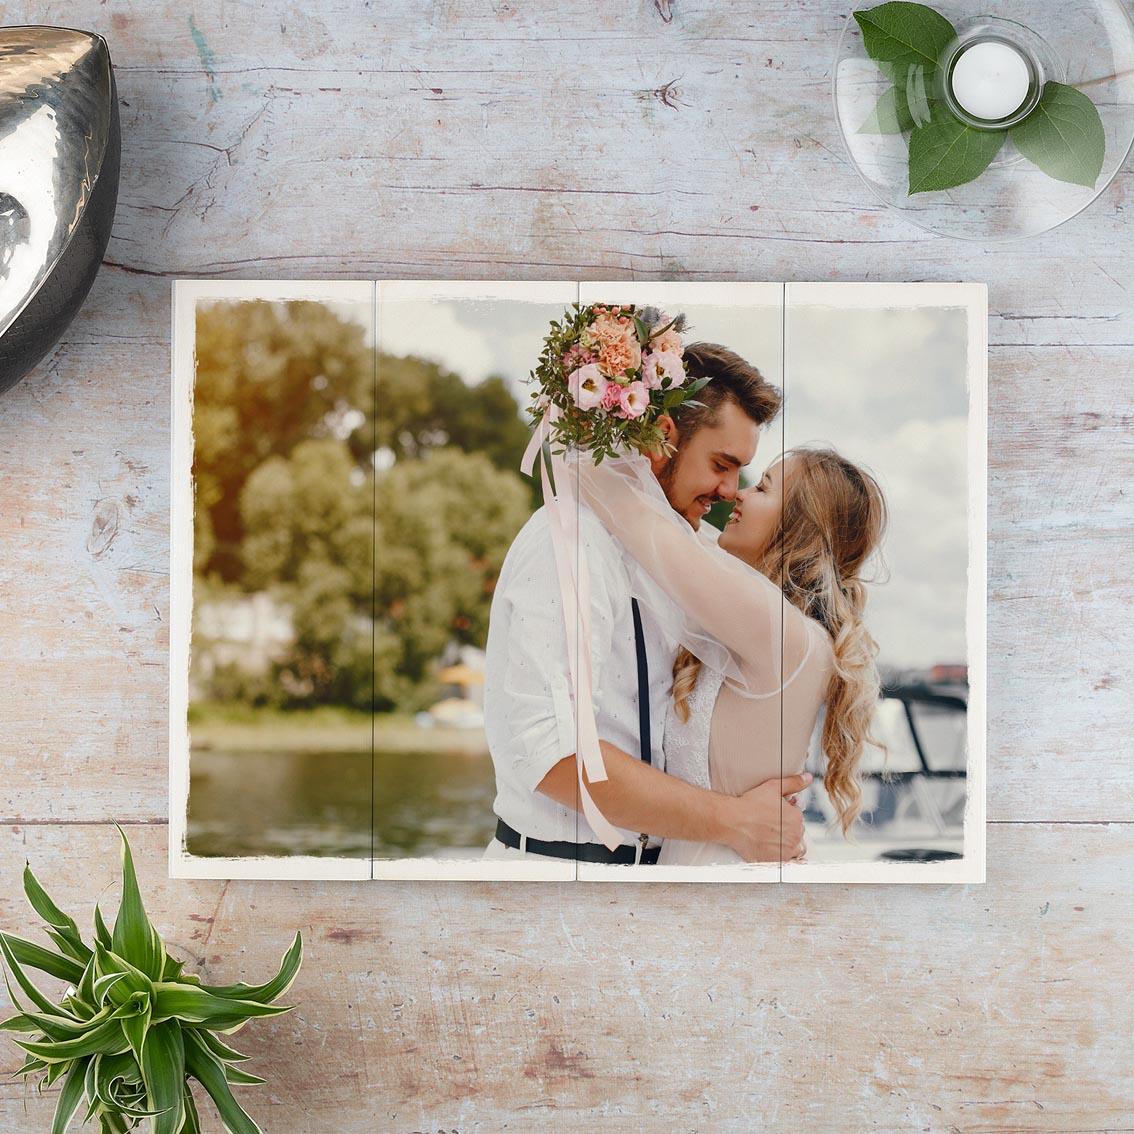 Foto auf Holz zur Hochzeit